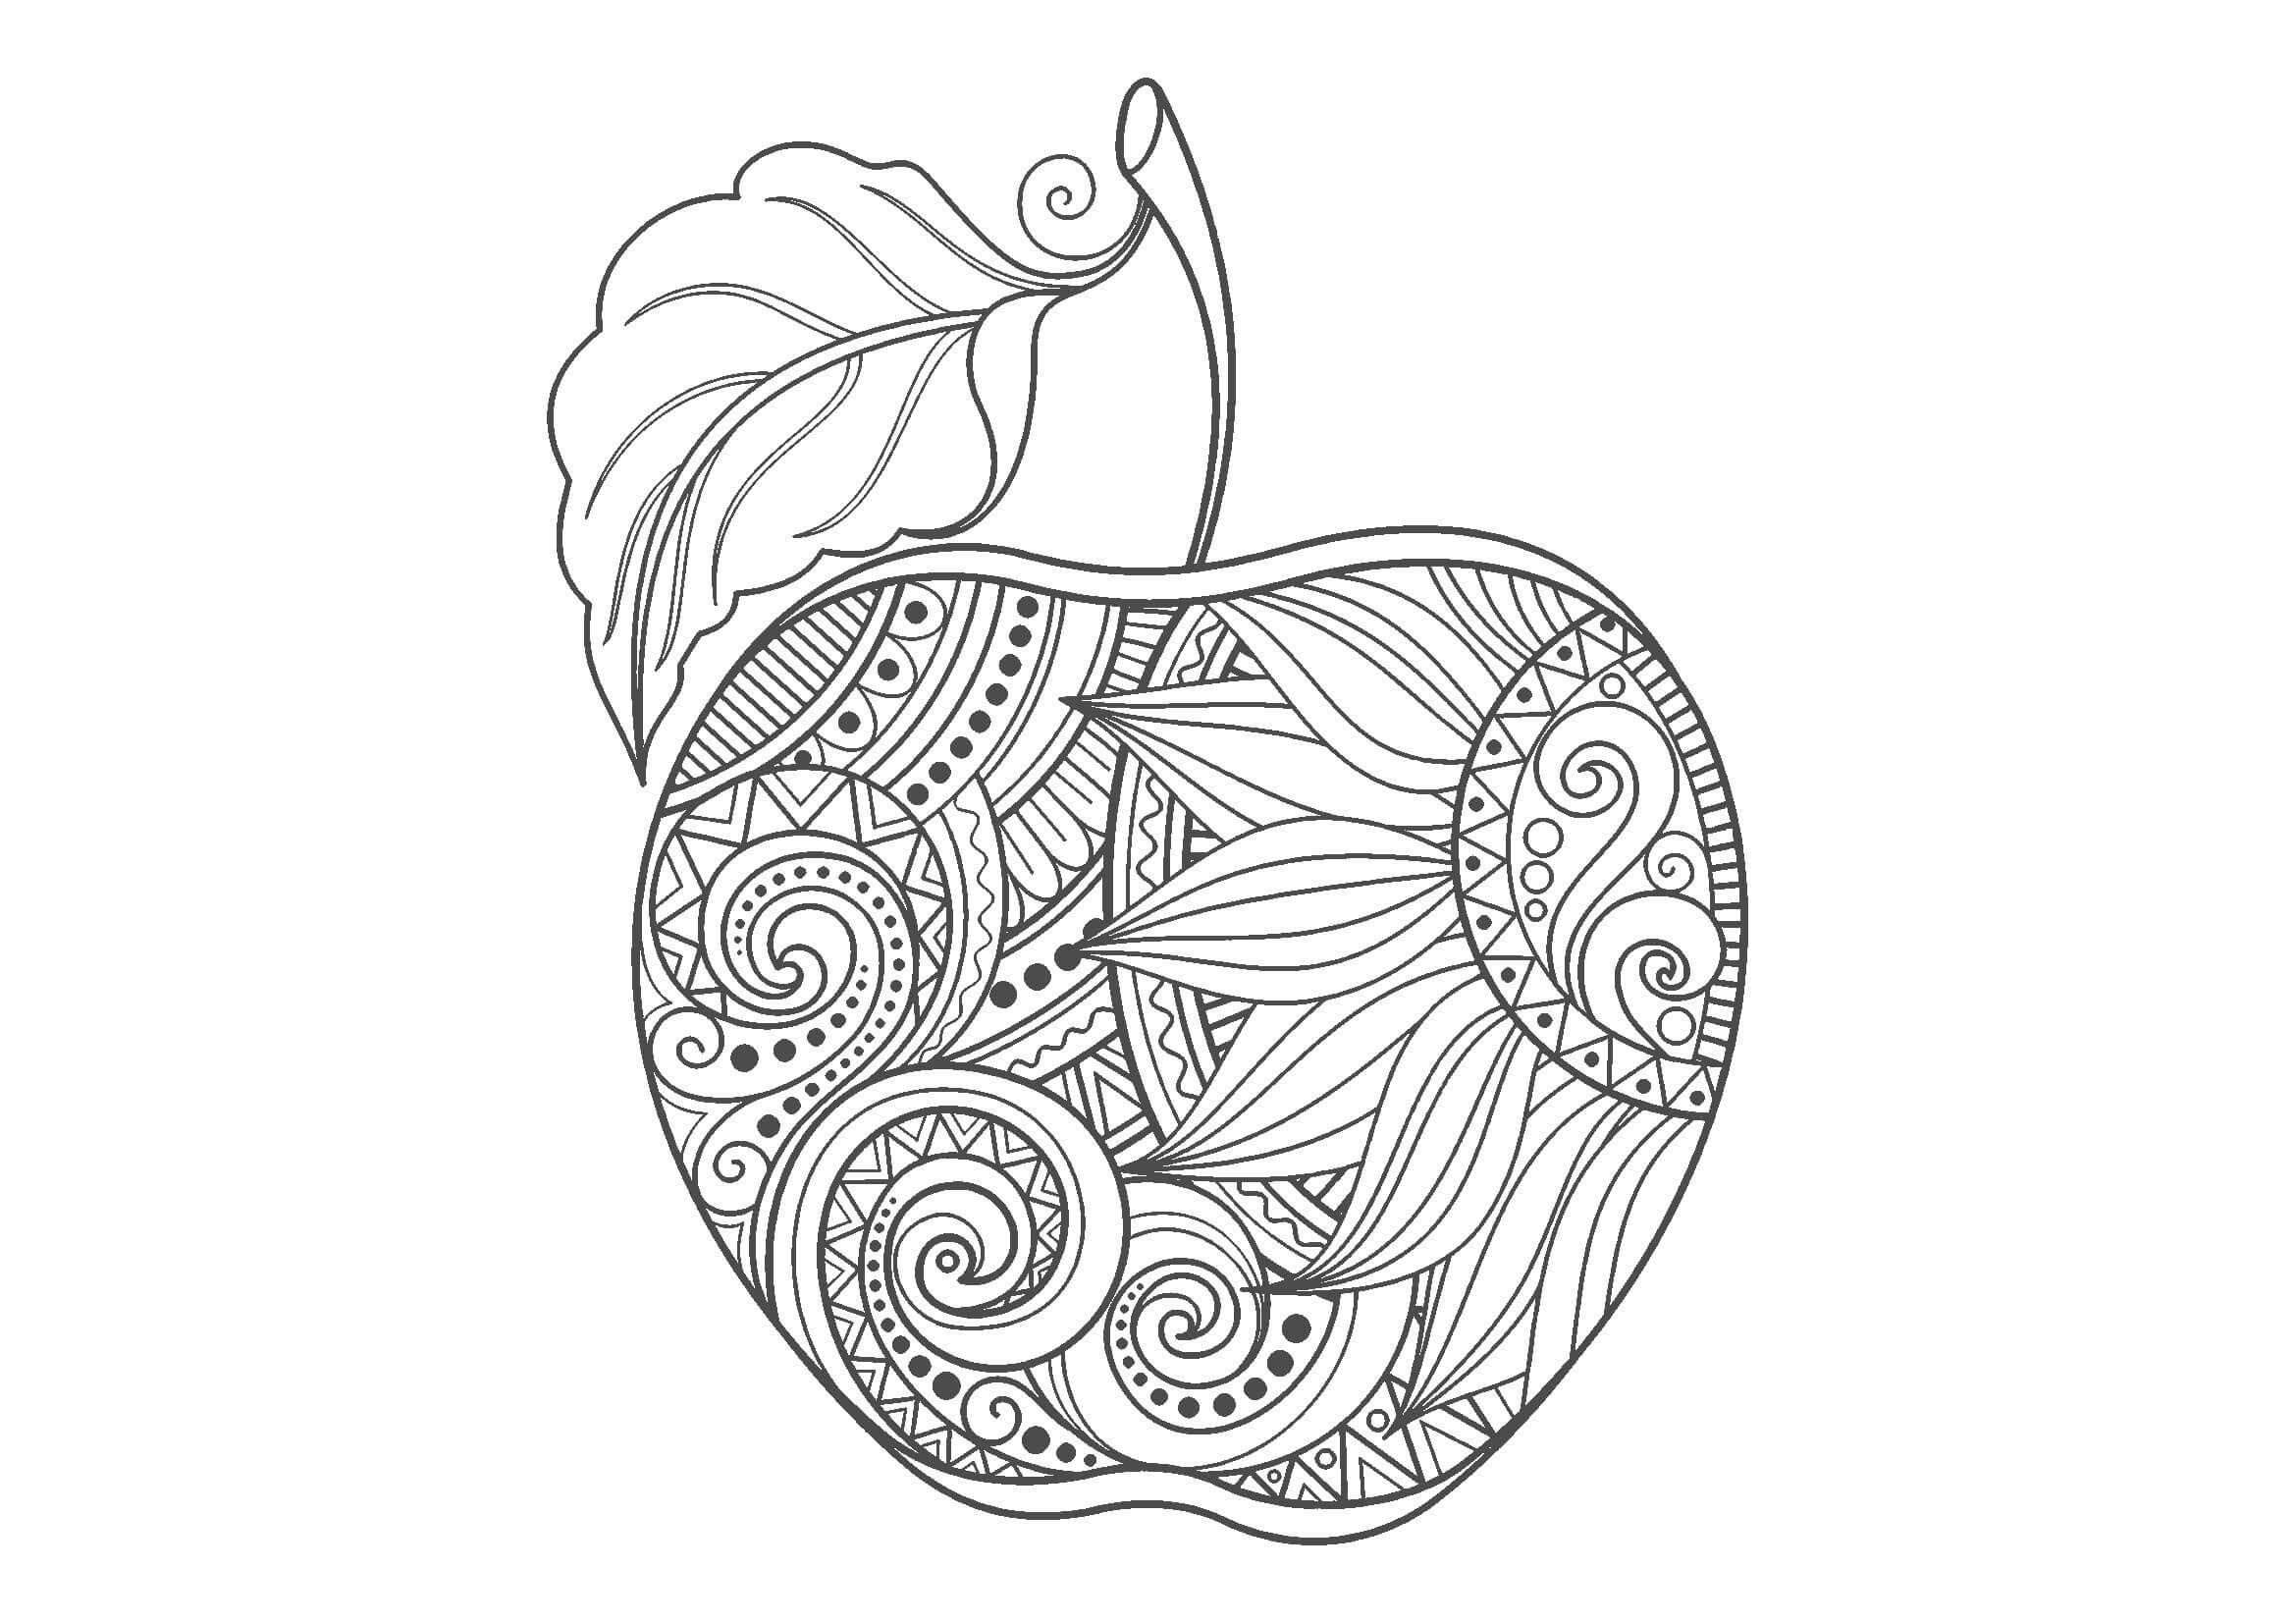 無料大人の塗り絵|野菜・果物 塗り絵, 塗り絵 無料, 大人の